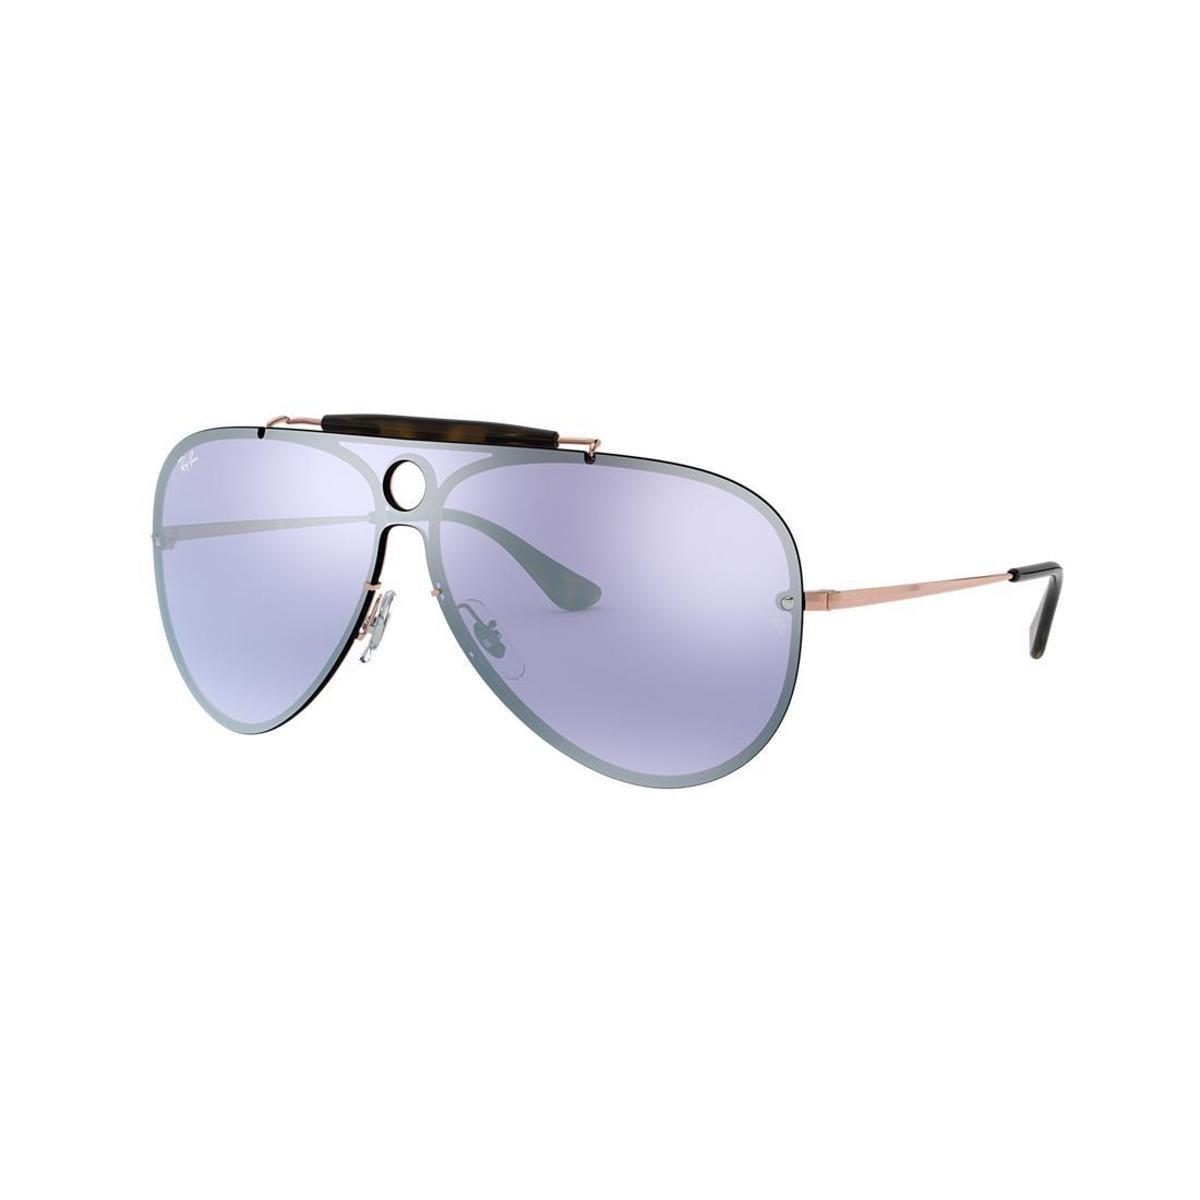 Óculos de Sol Ray-Ban RB3581N - Bronze - Compre Agora   Netshoes 9fc5273495